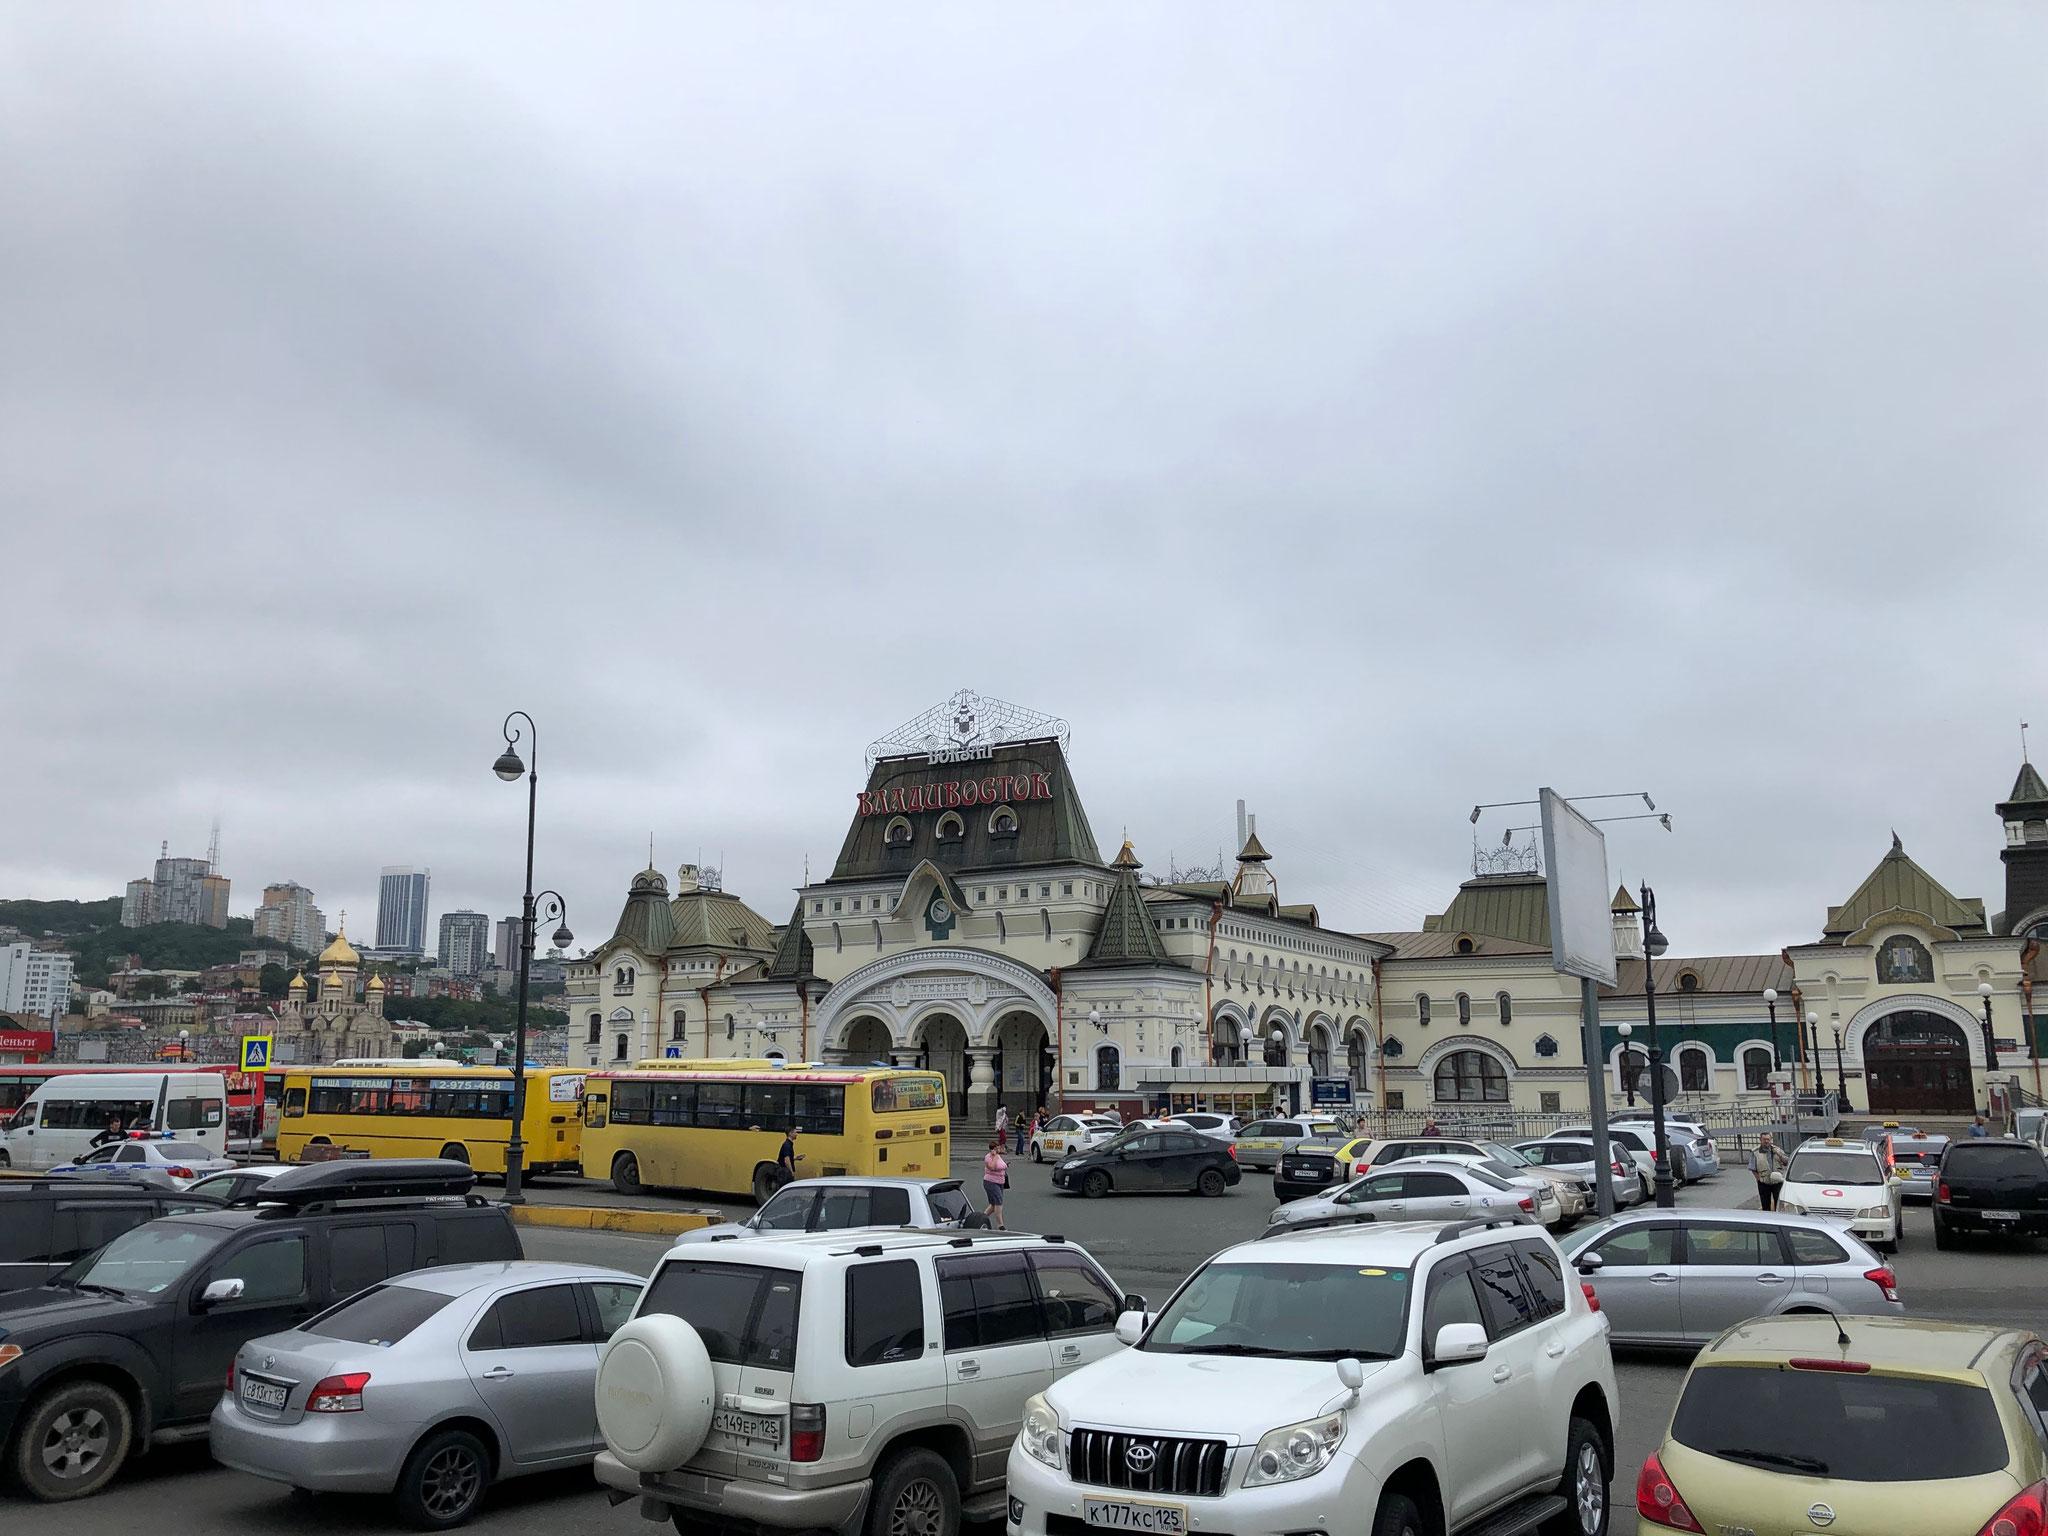 シベリア鉄道の終着点  -ウラジオストク駅-